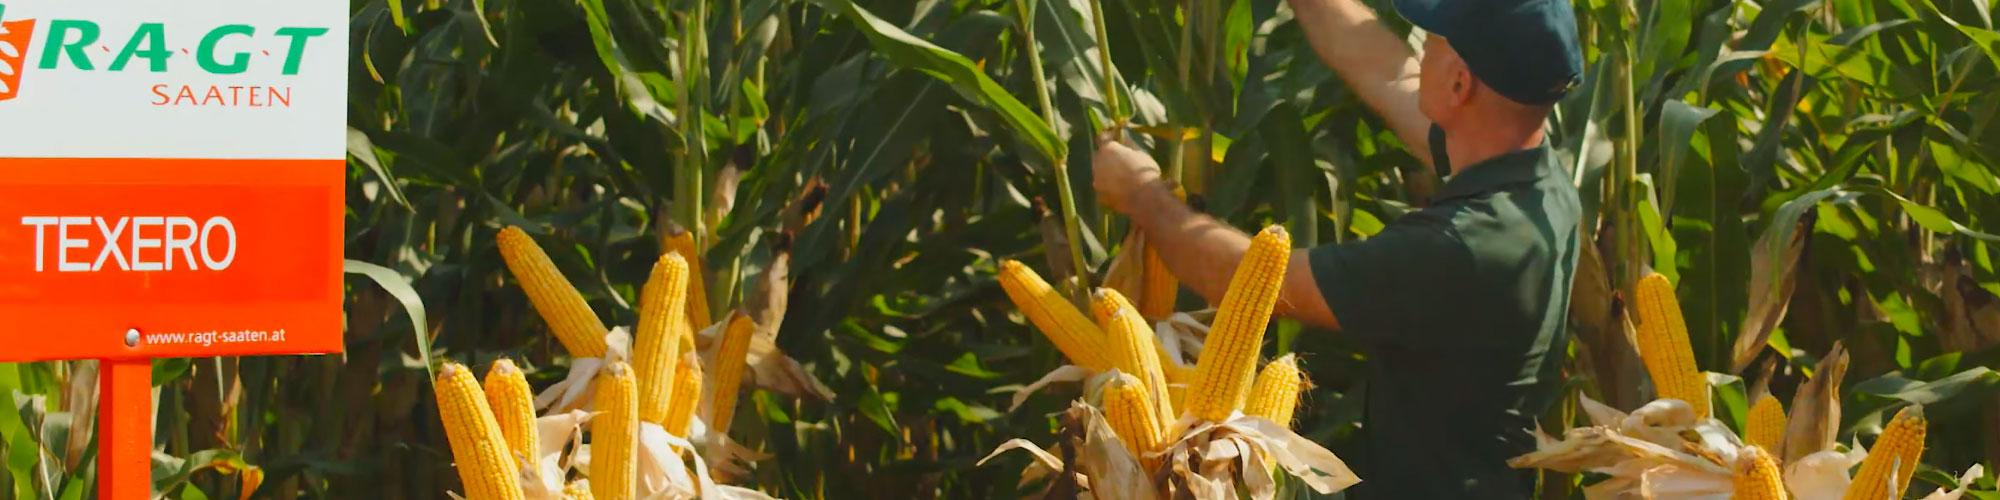 RGT TEXERO (380) ist offiziell DIE gesündeste Maissorte im späten Bereich